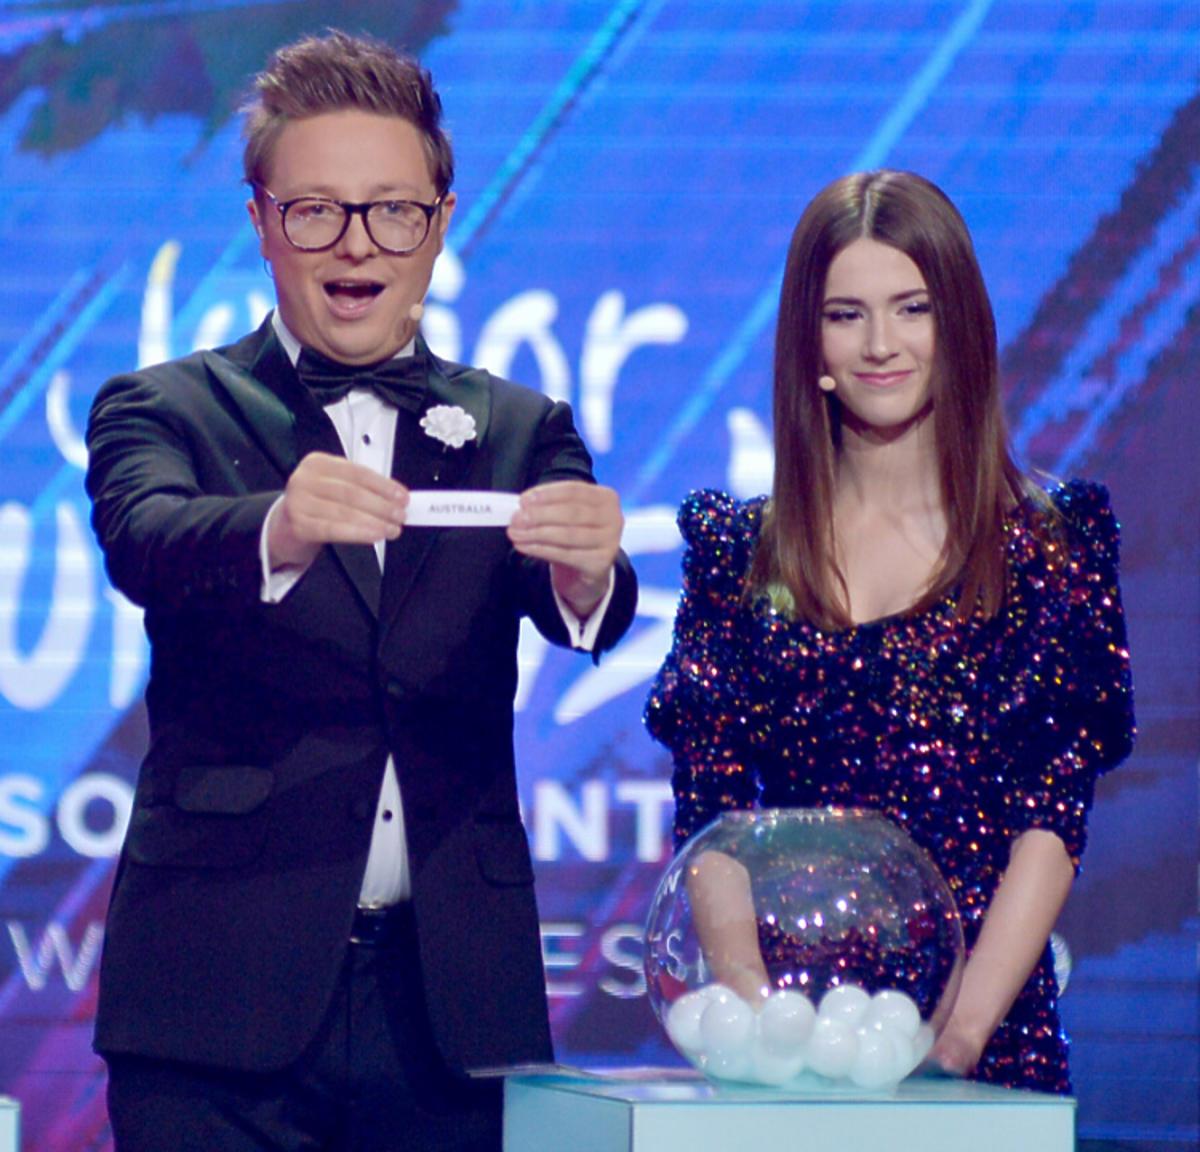 Otwarcie Eurowizja. Roksana Węgiel